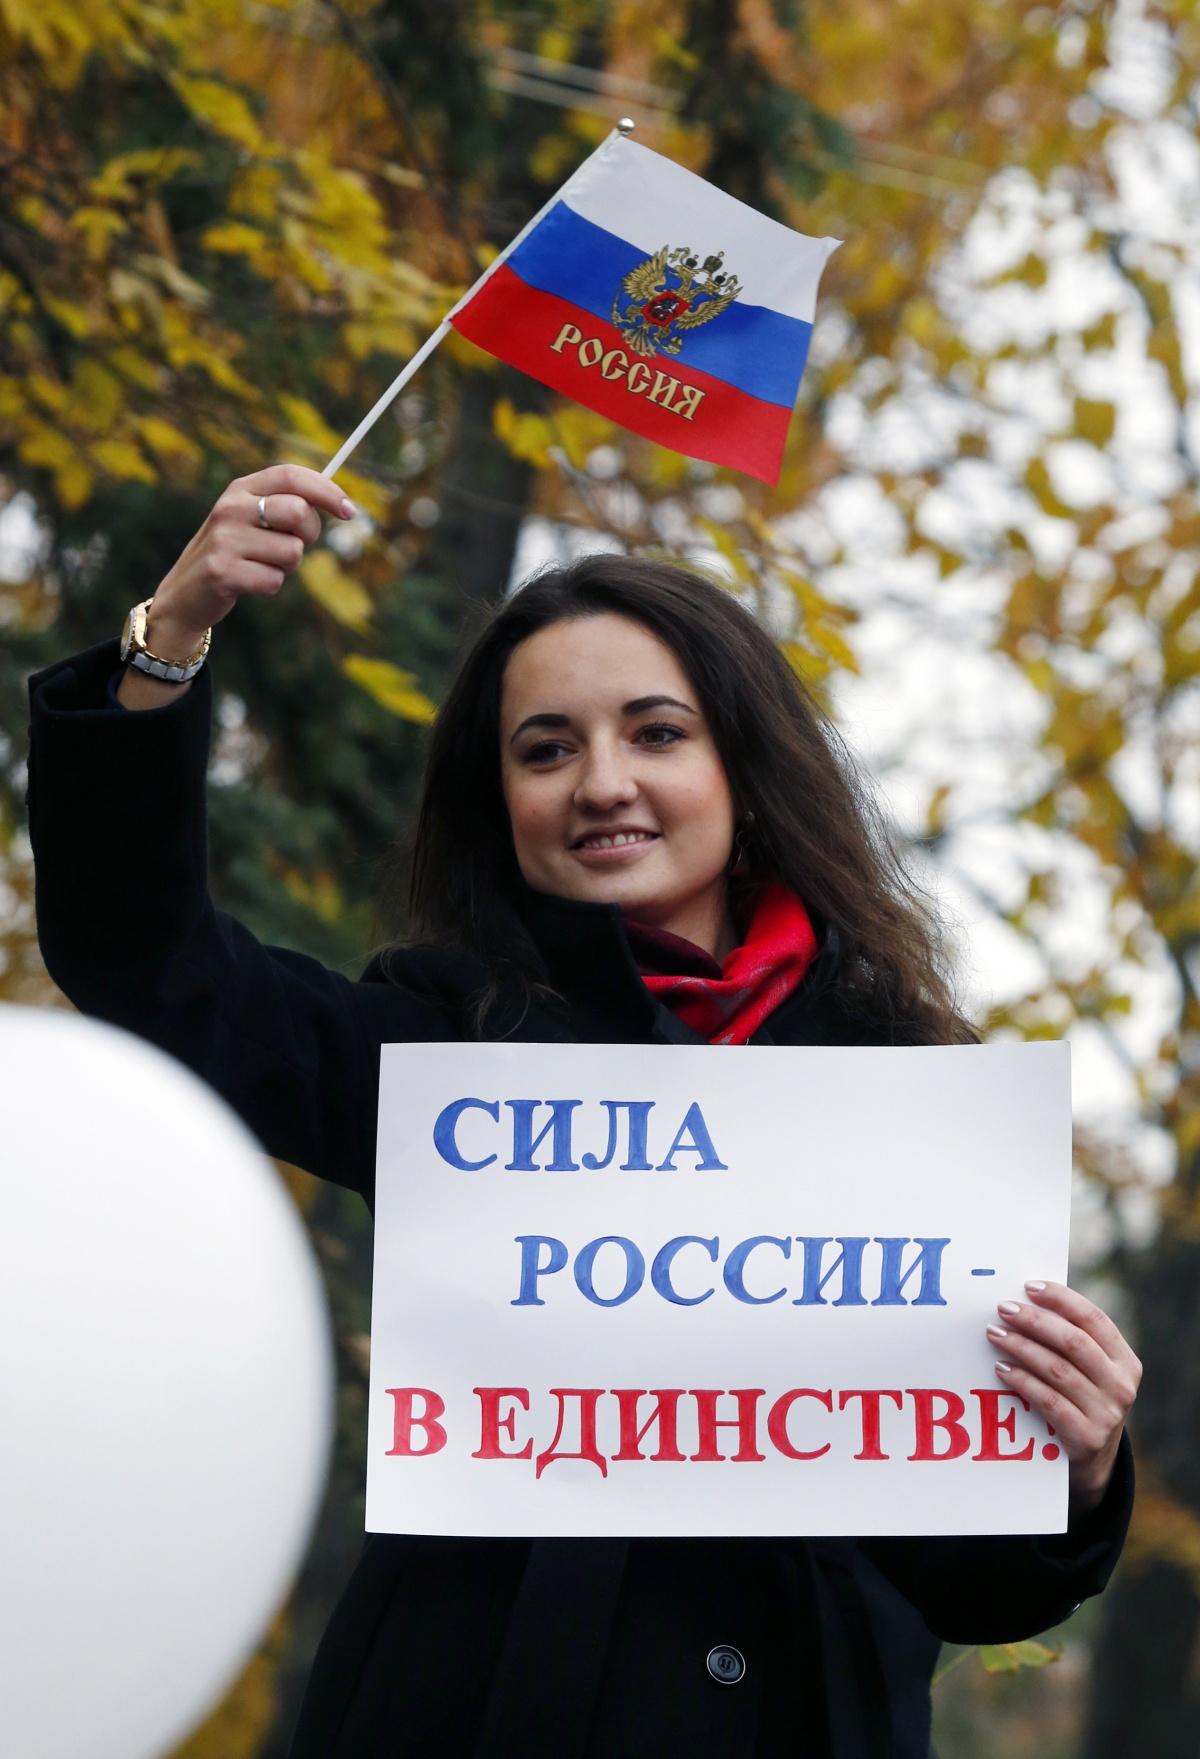 Опрос: все меньше россиян замечают в обществе народное единство